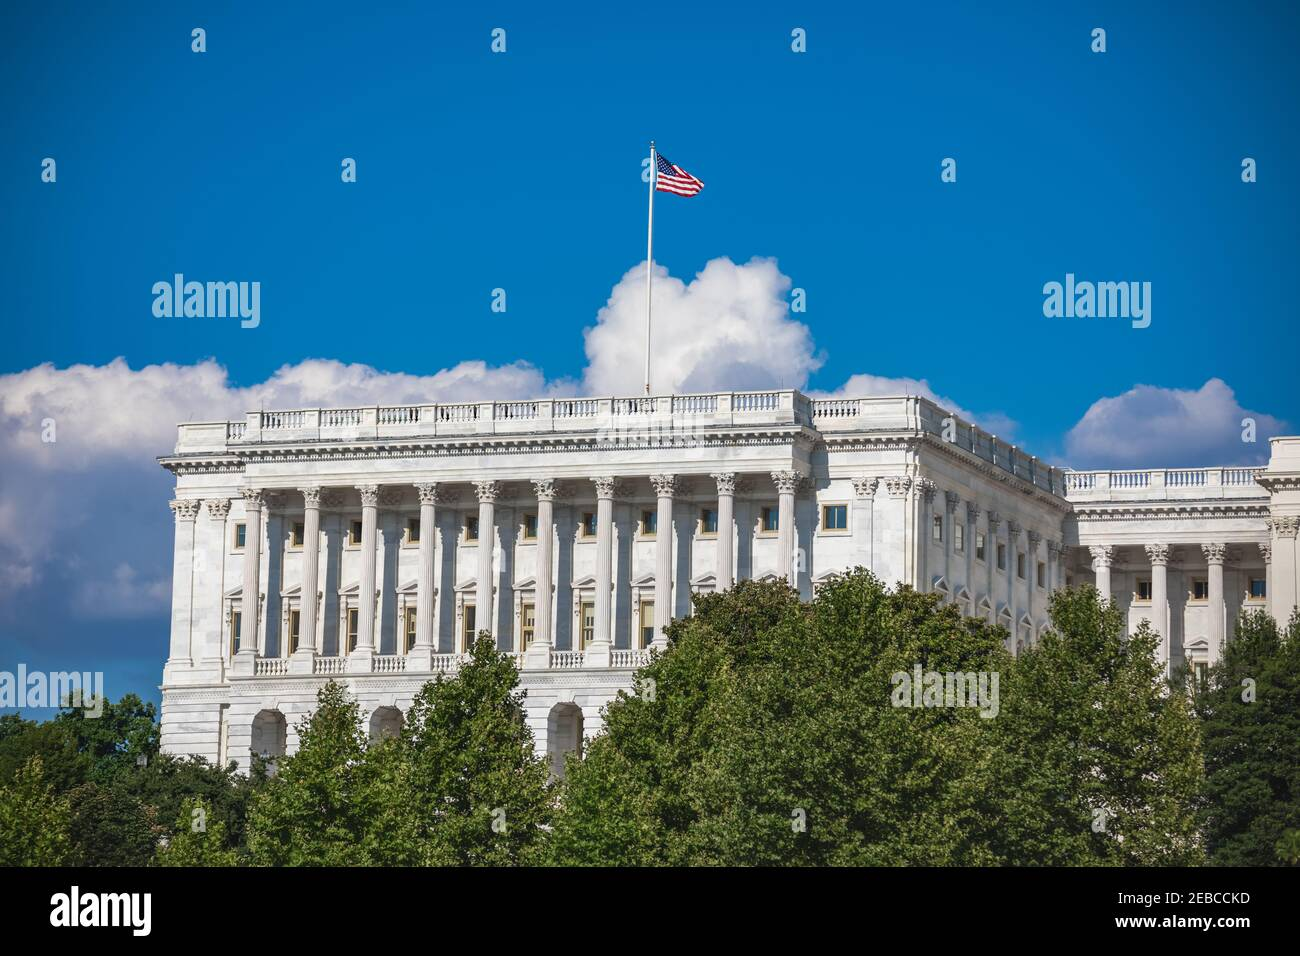 Drapeau américain survolant l'extérieur de la chambre du Sénat du Capitole à Washington, DC Banque D'Images